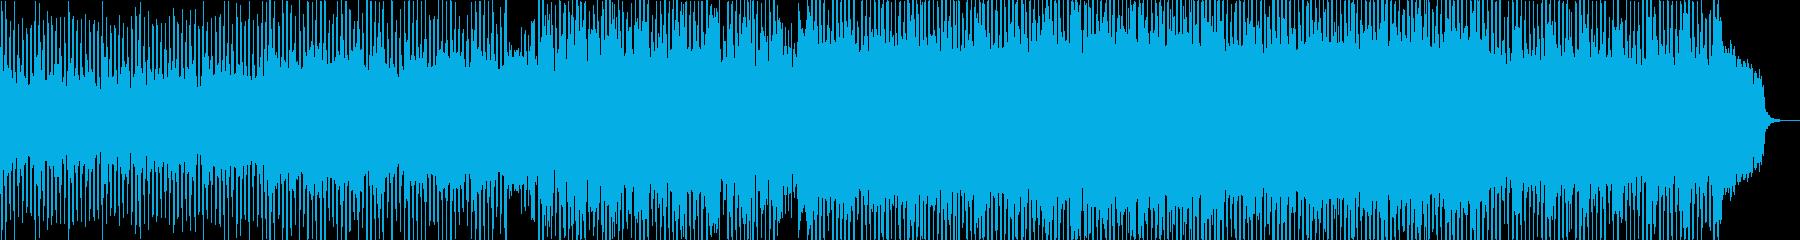 躍動感のある弾むようなシンセの曲の再生済みの波形